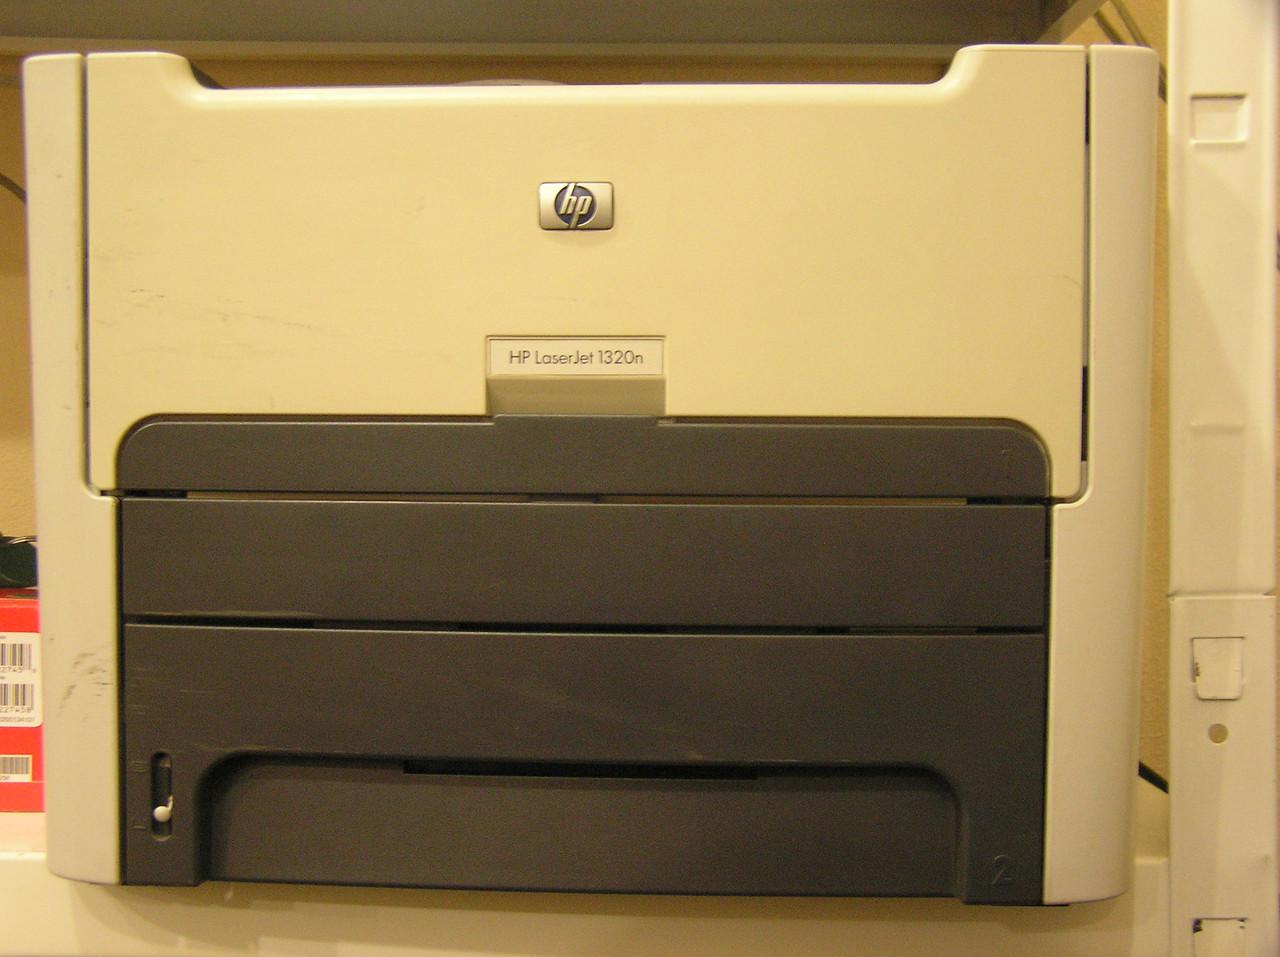 Принтер HP laserjet 1320 n